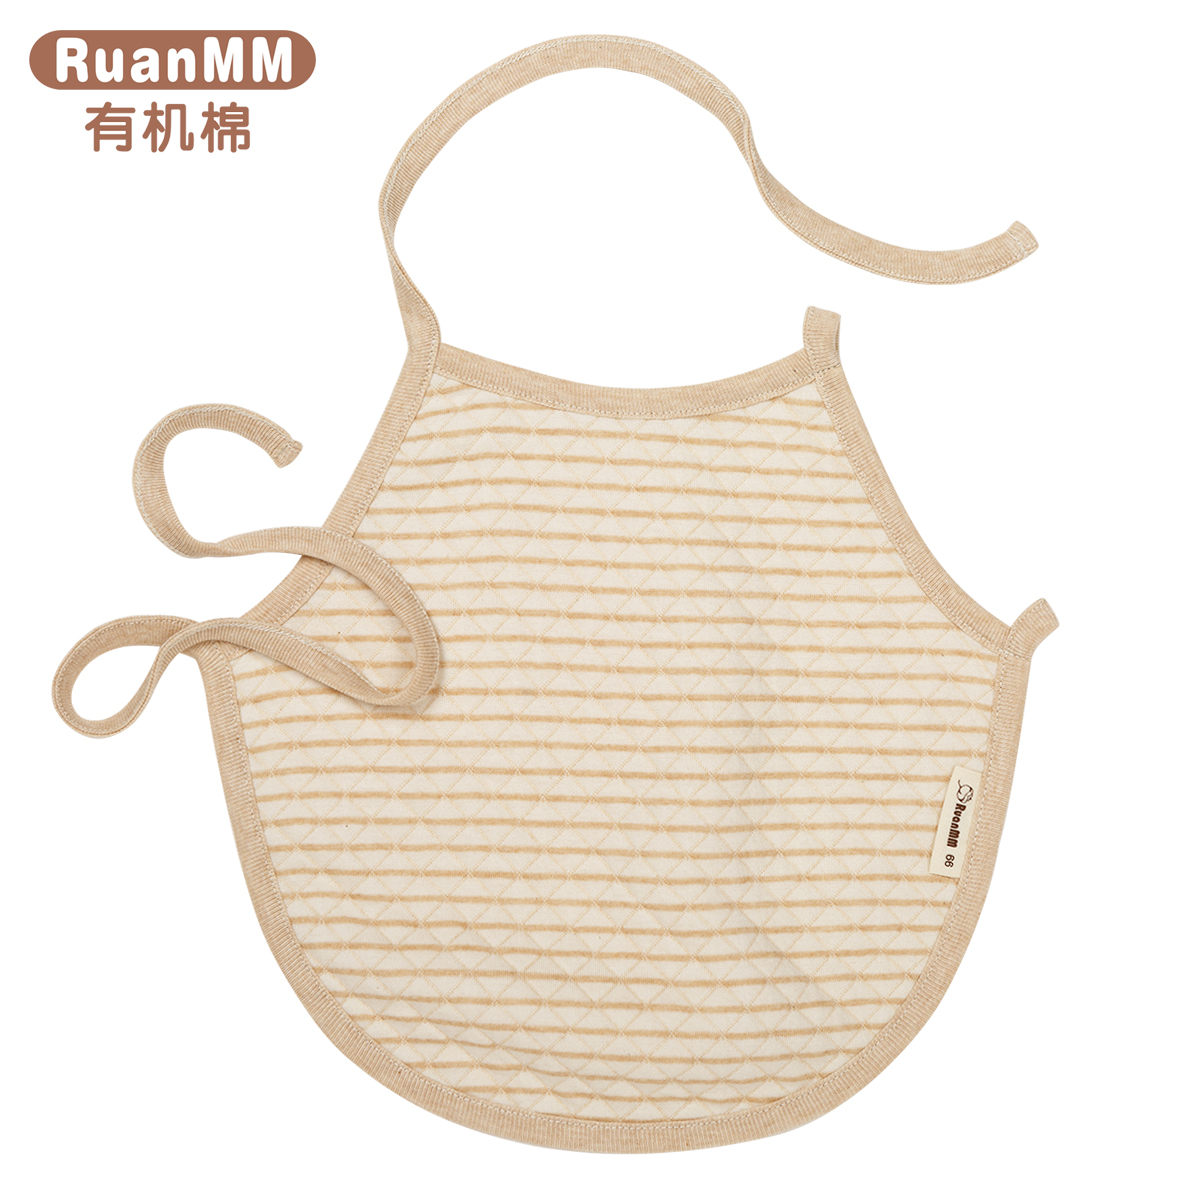 Детский бандаж RUANMM R5001